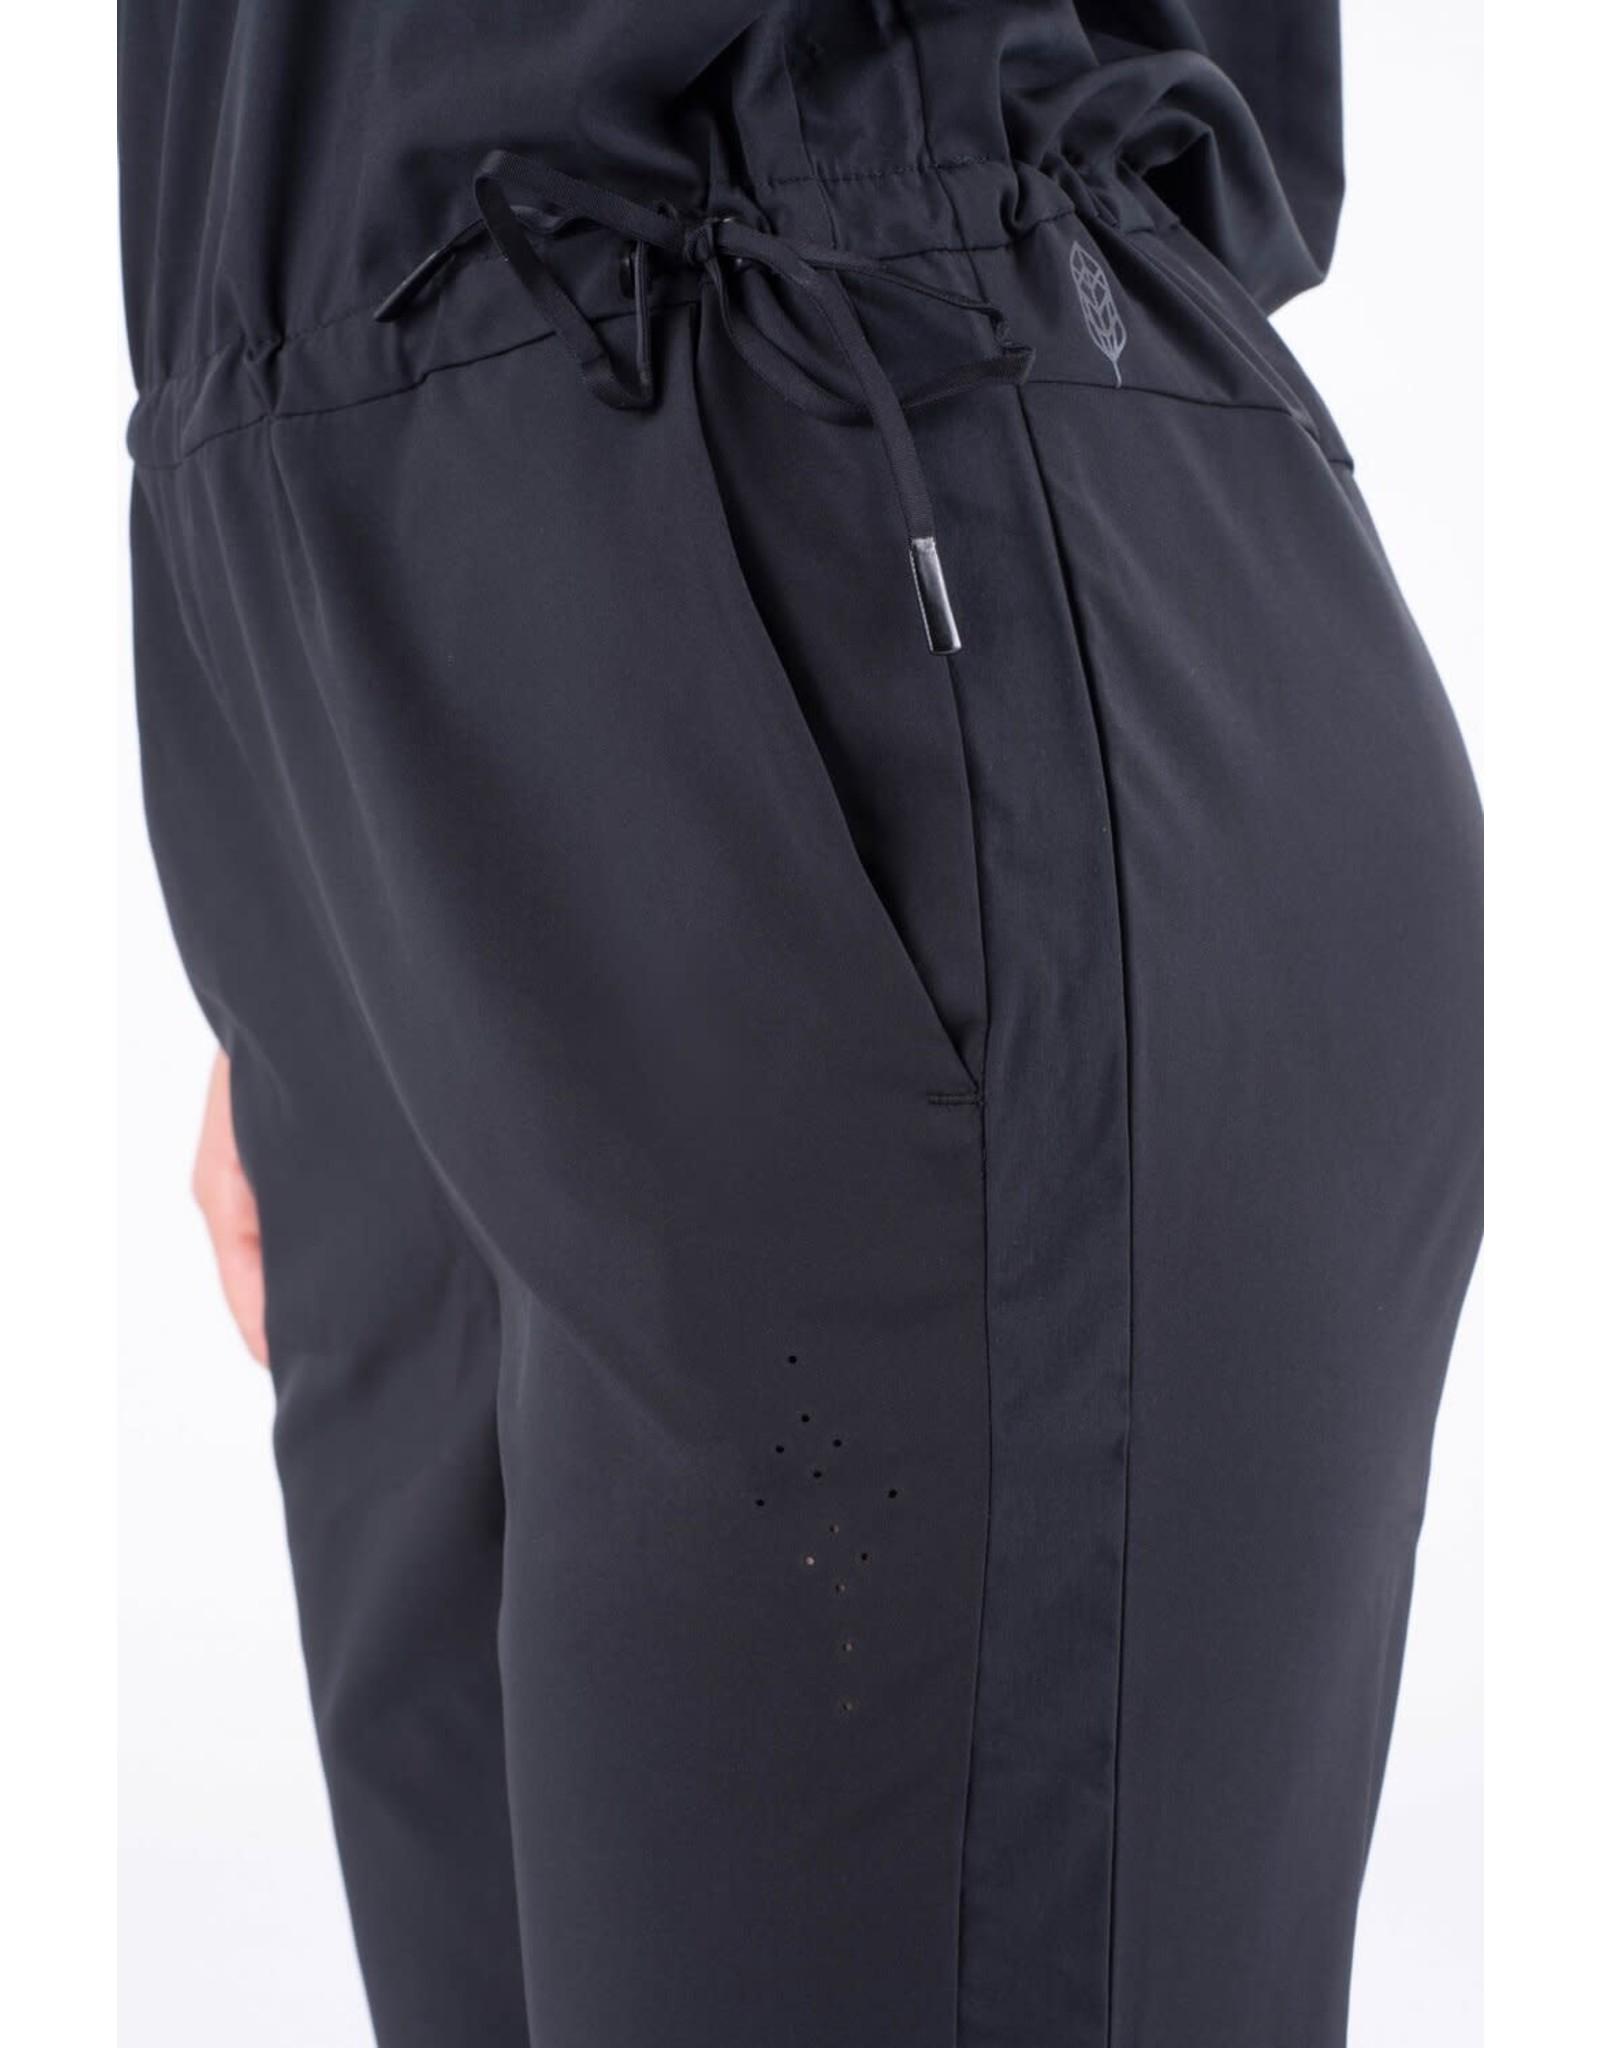 Indygena Indygena Victoria Jumpsuit - XS